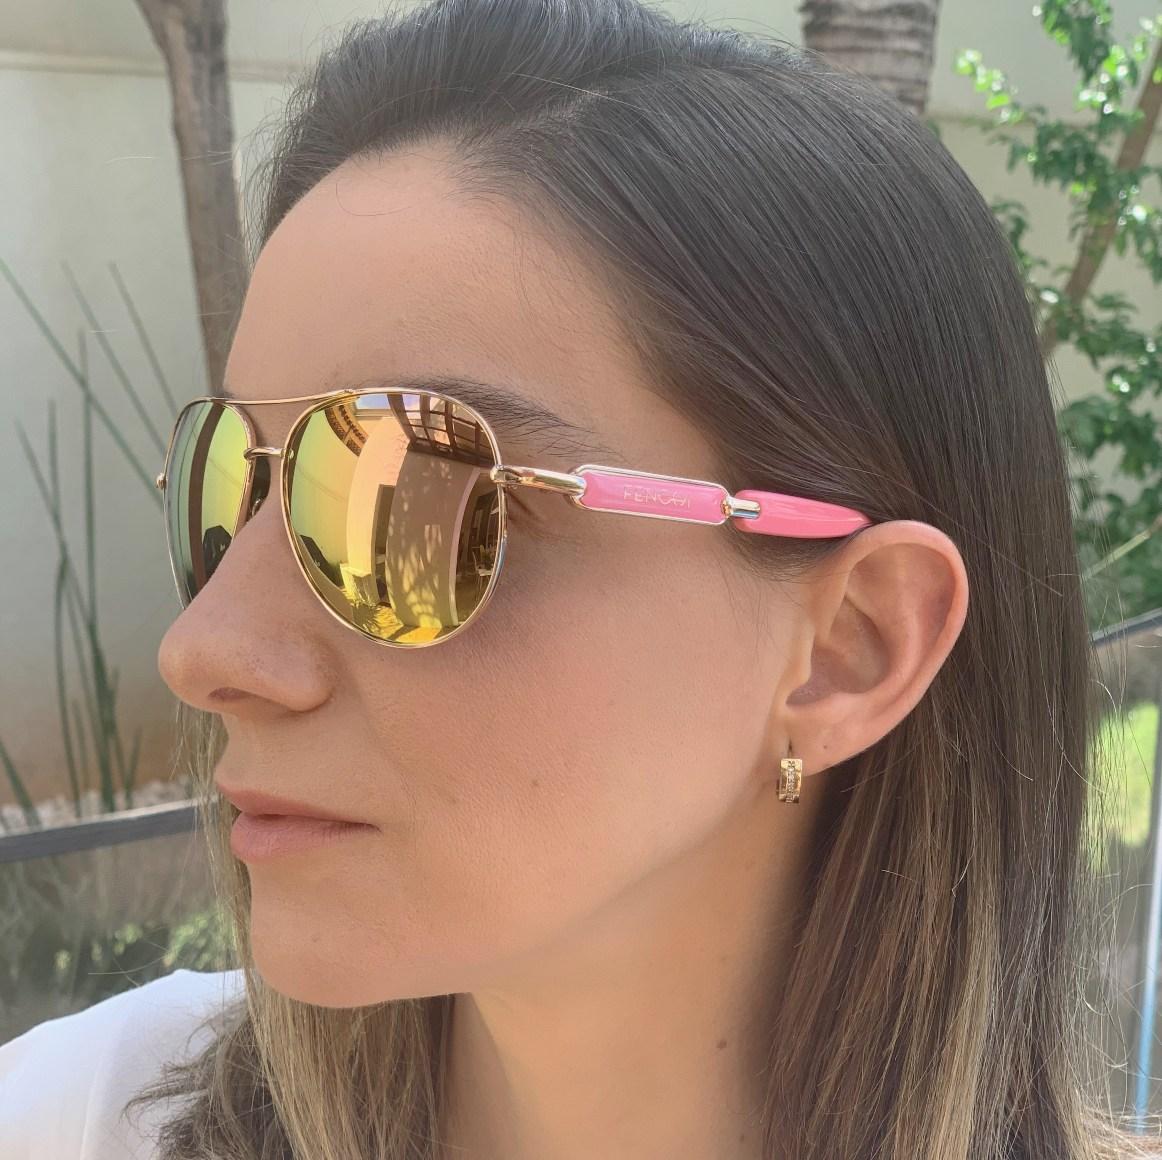 Oculos de Sol Espelhado Feminino Lente Polarizada UV400 - Importado Original Fenchi